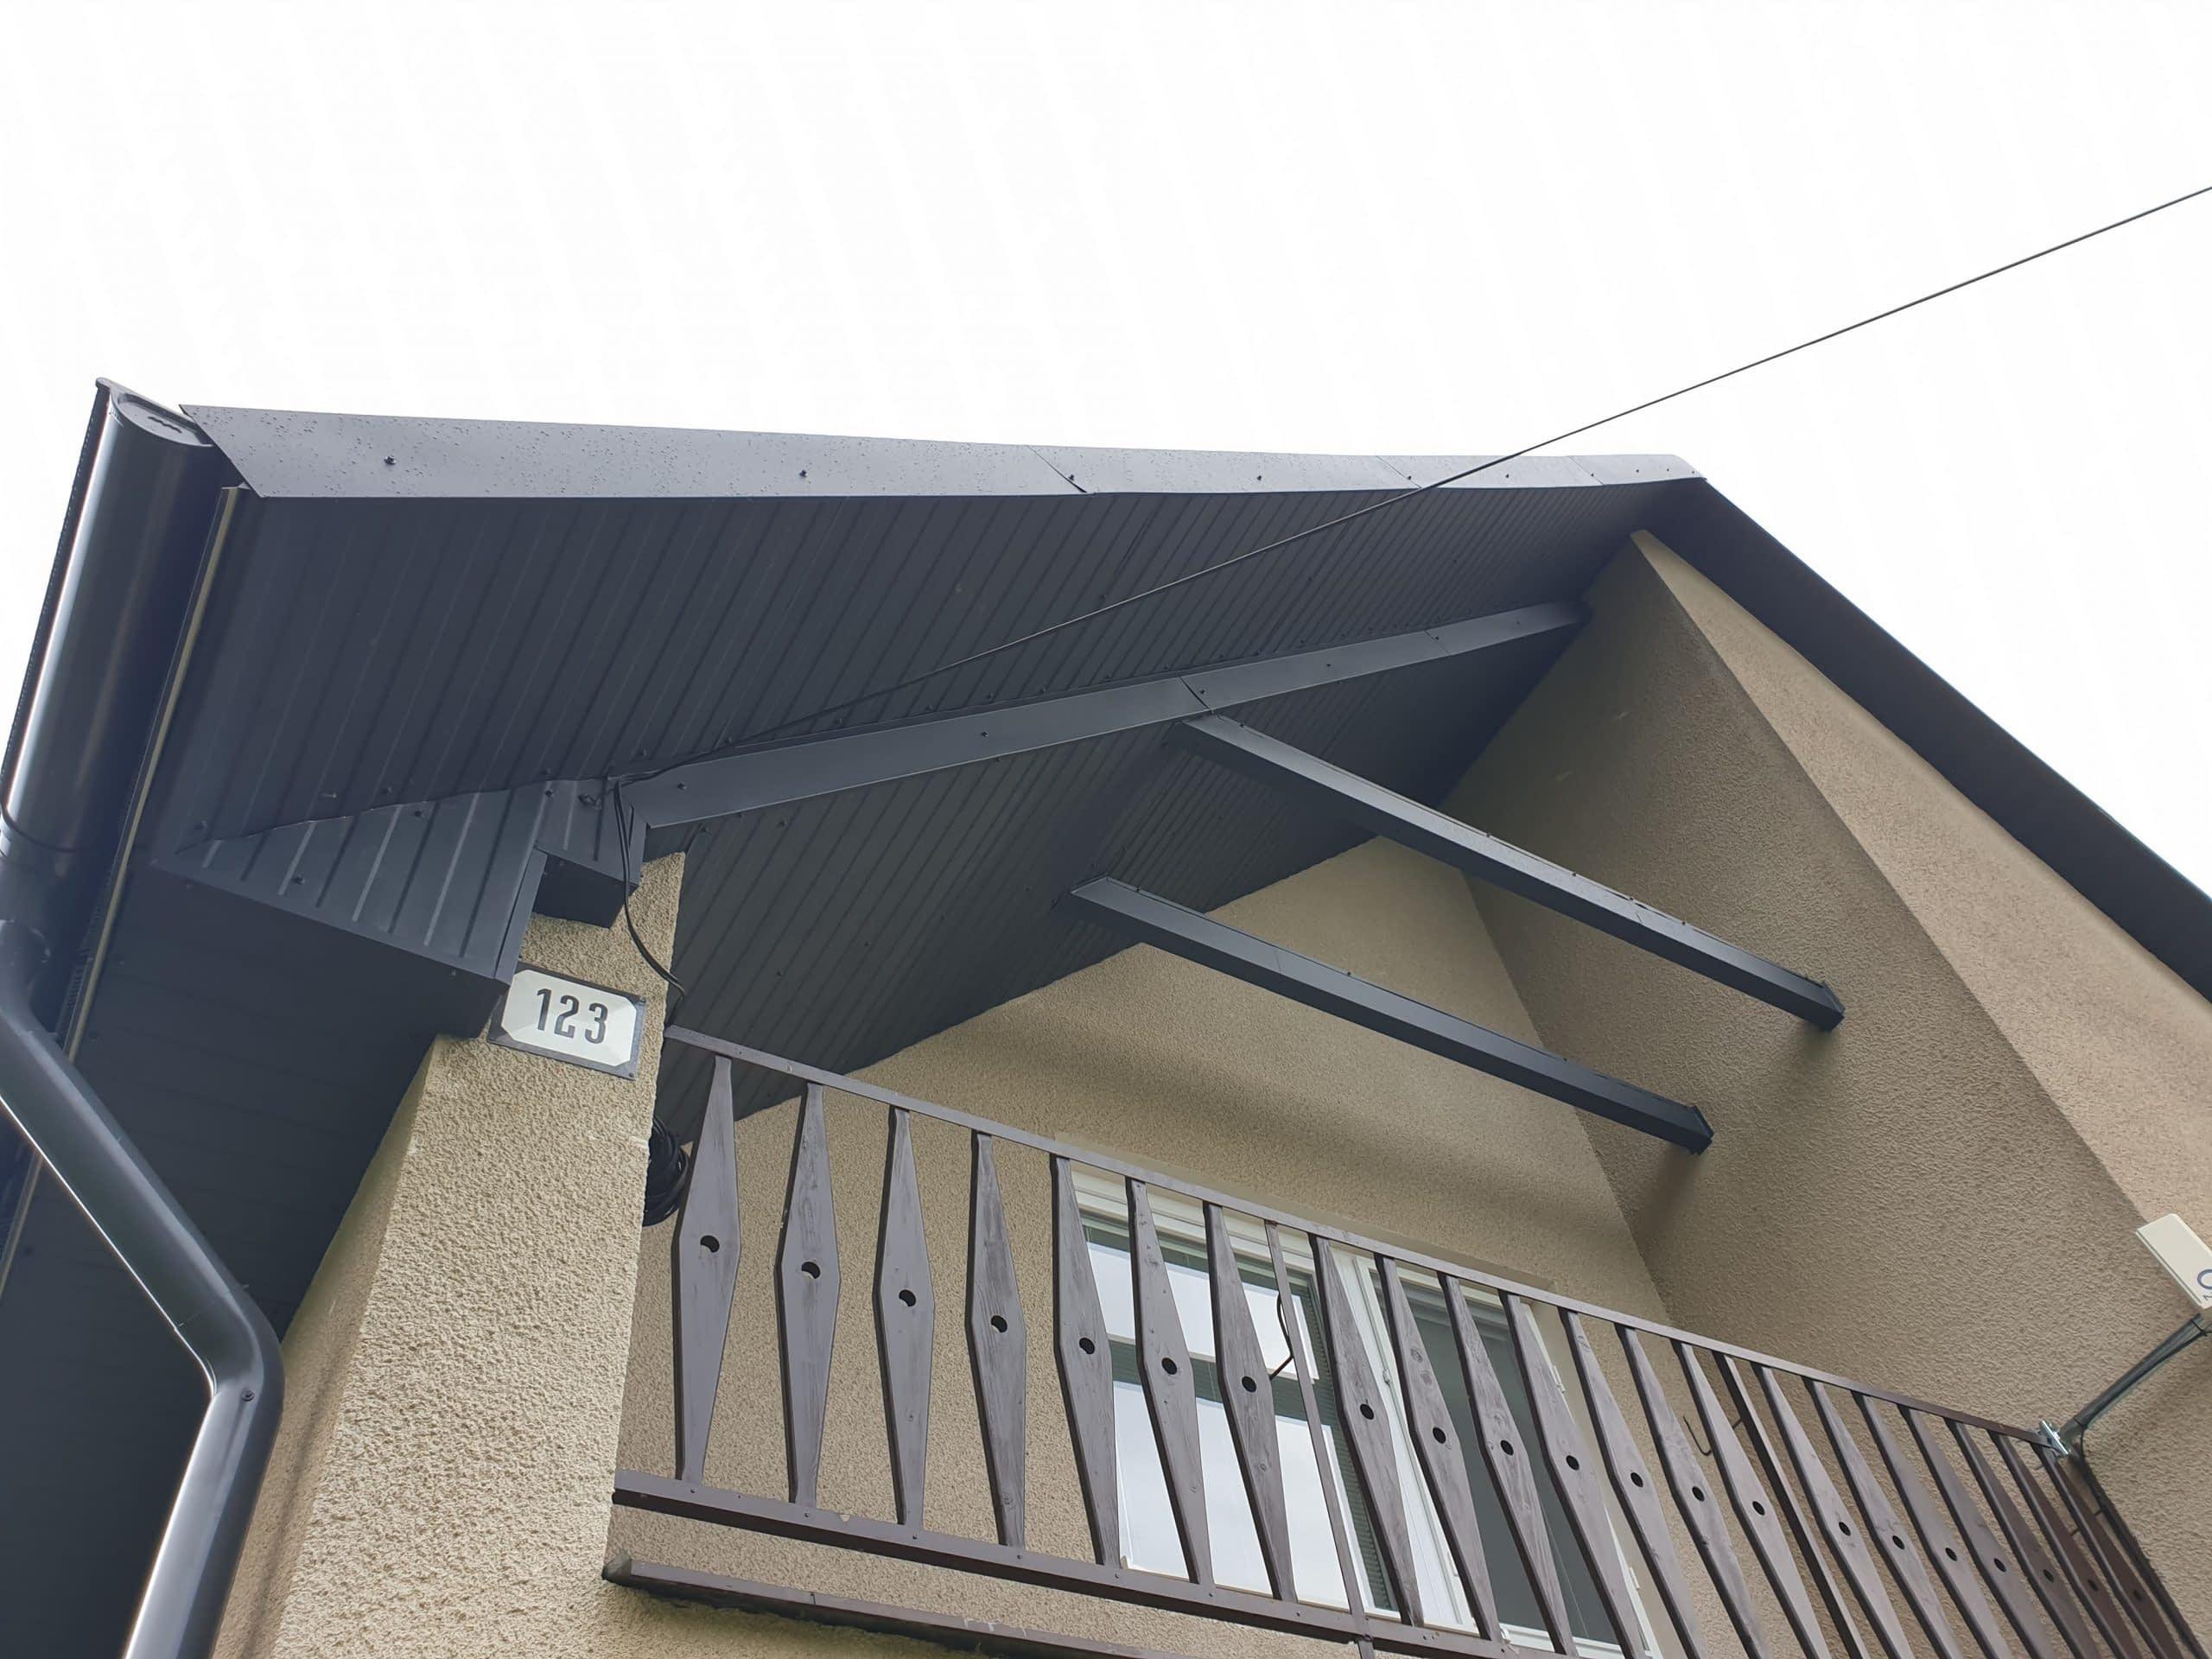 Podbitie strechy plechom. Postup a výhody takéhoto riešenia